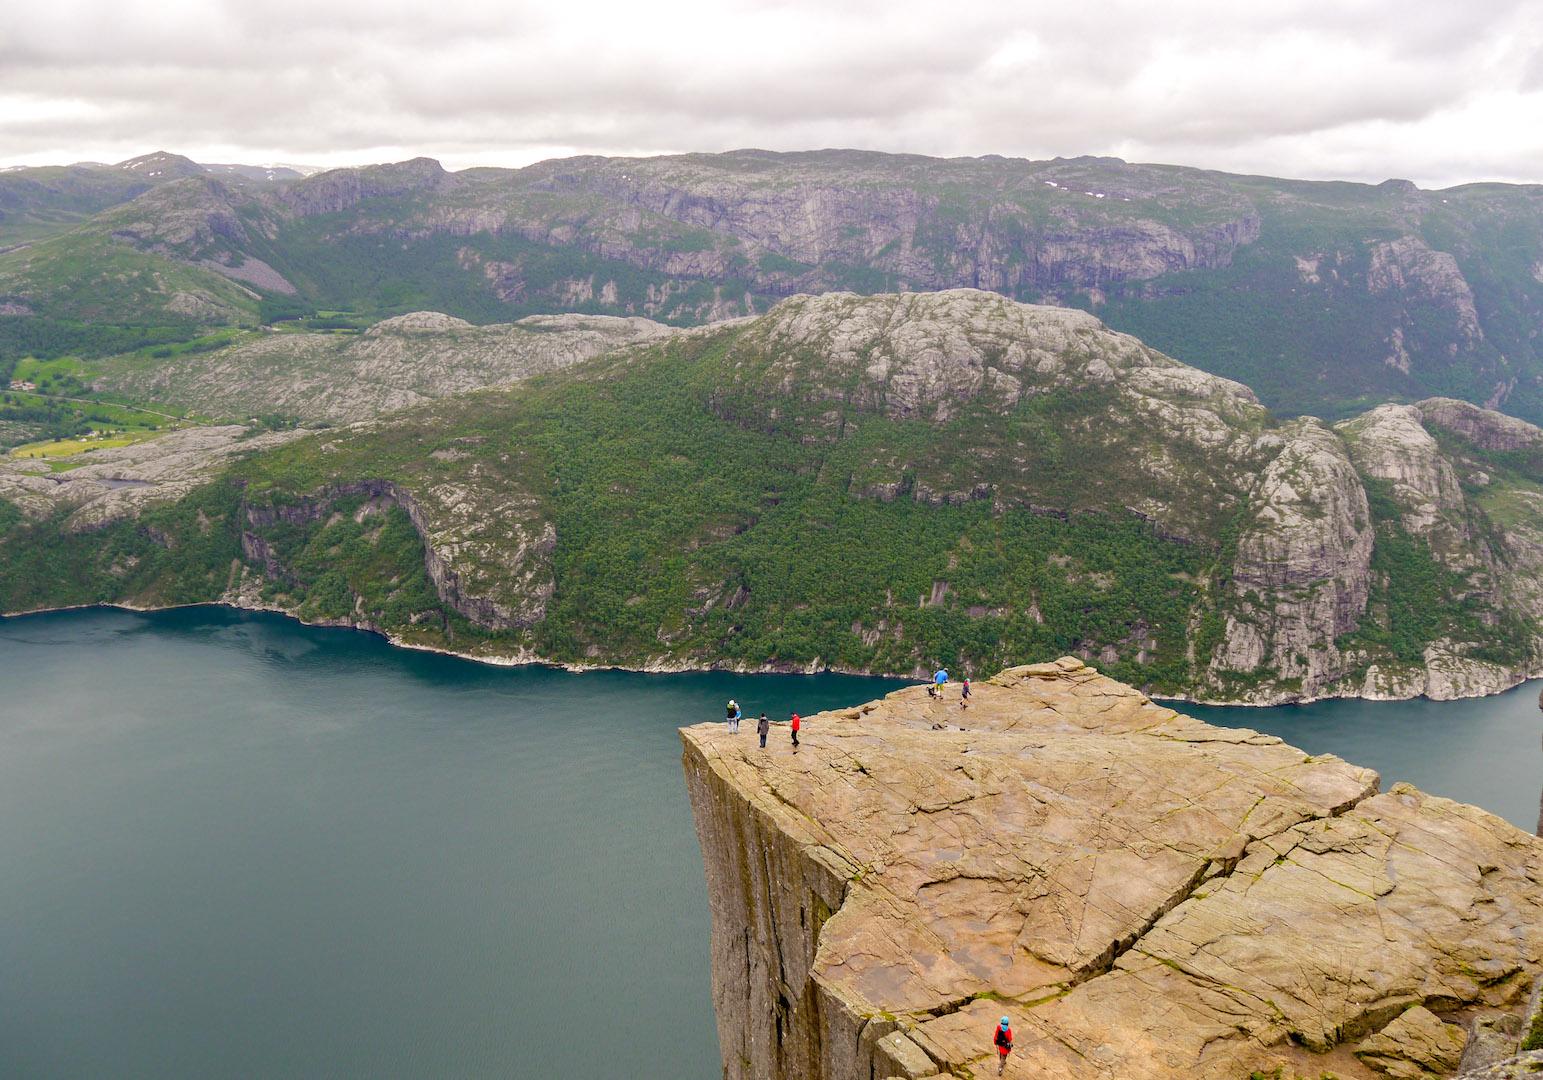 norwegen preikestolen fjord felsen menschen